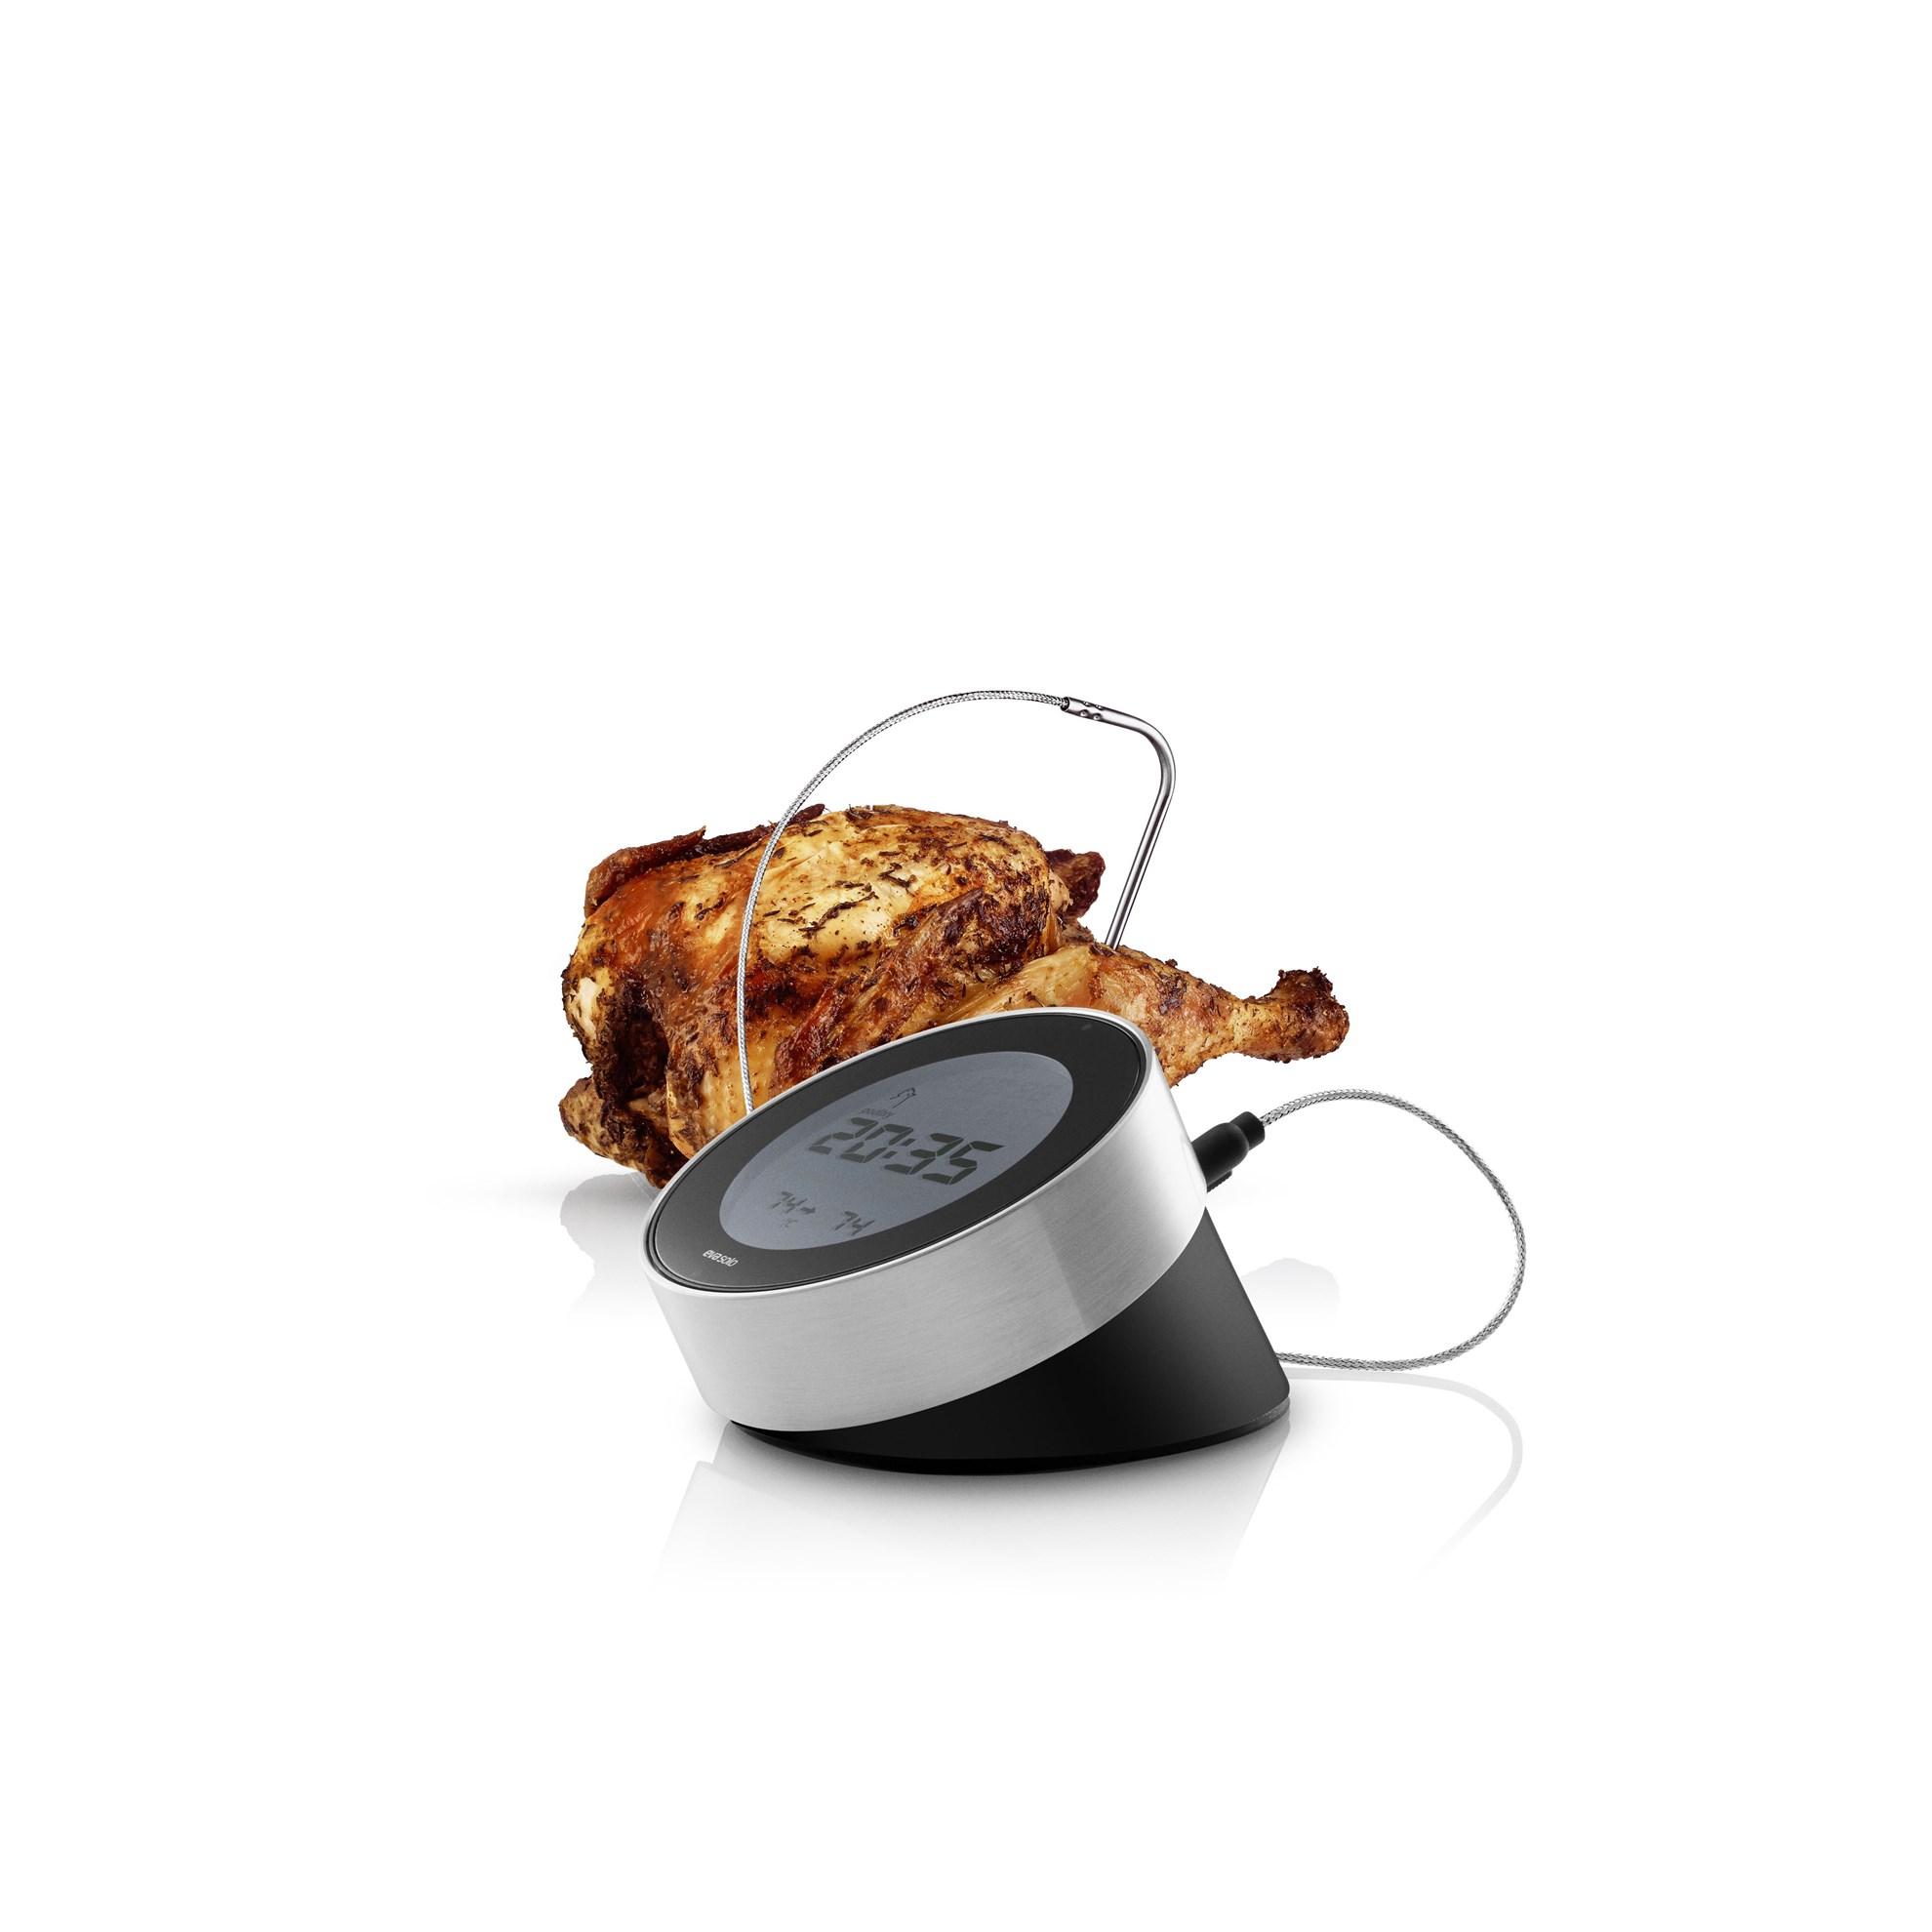 Kuchyňský teploměr/minutka Cook 'N Time_0